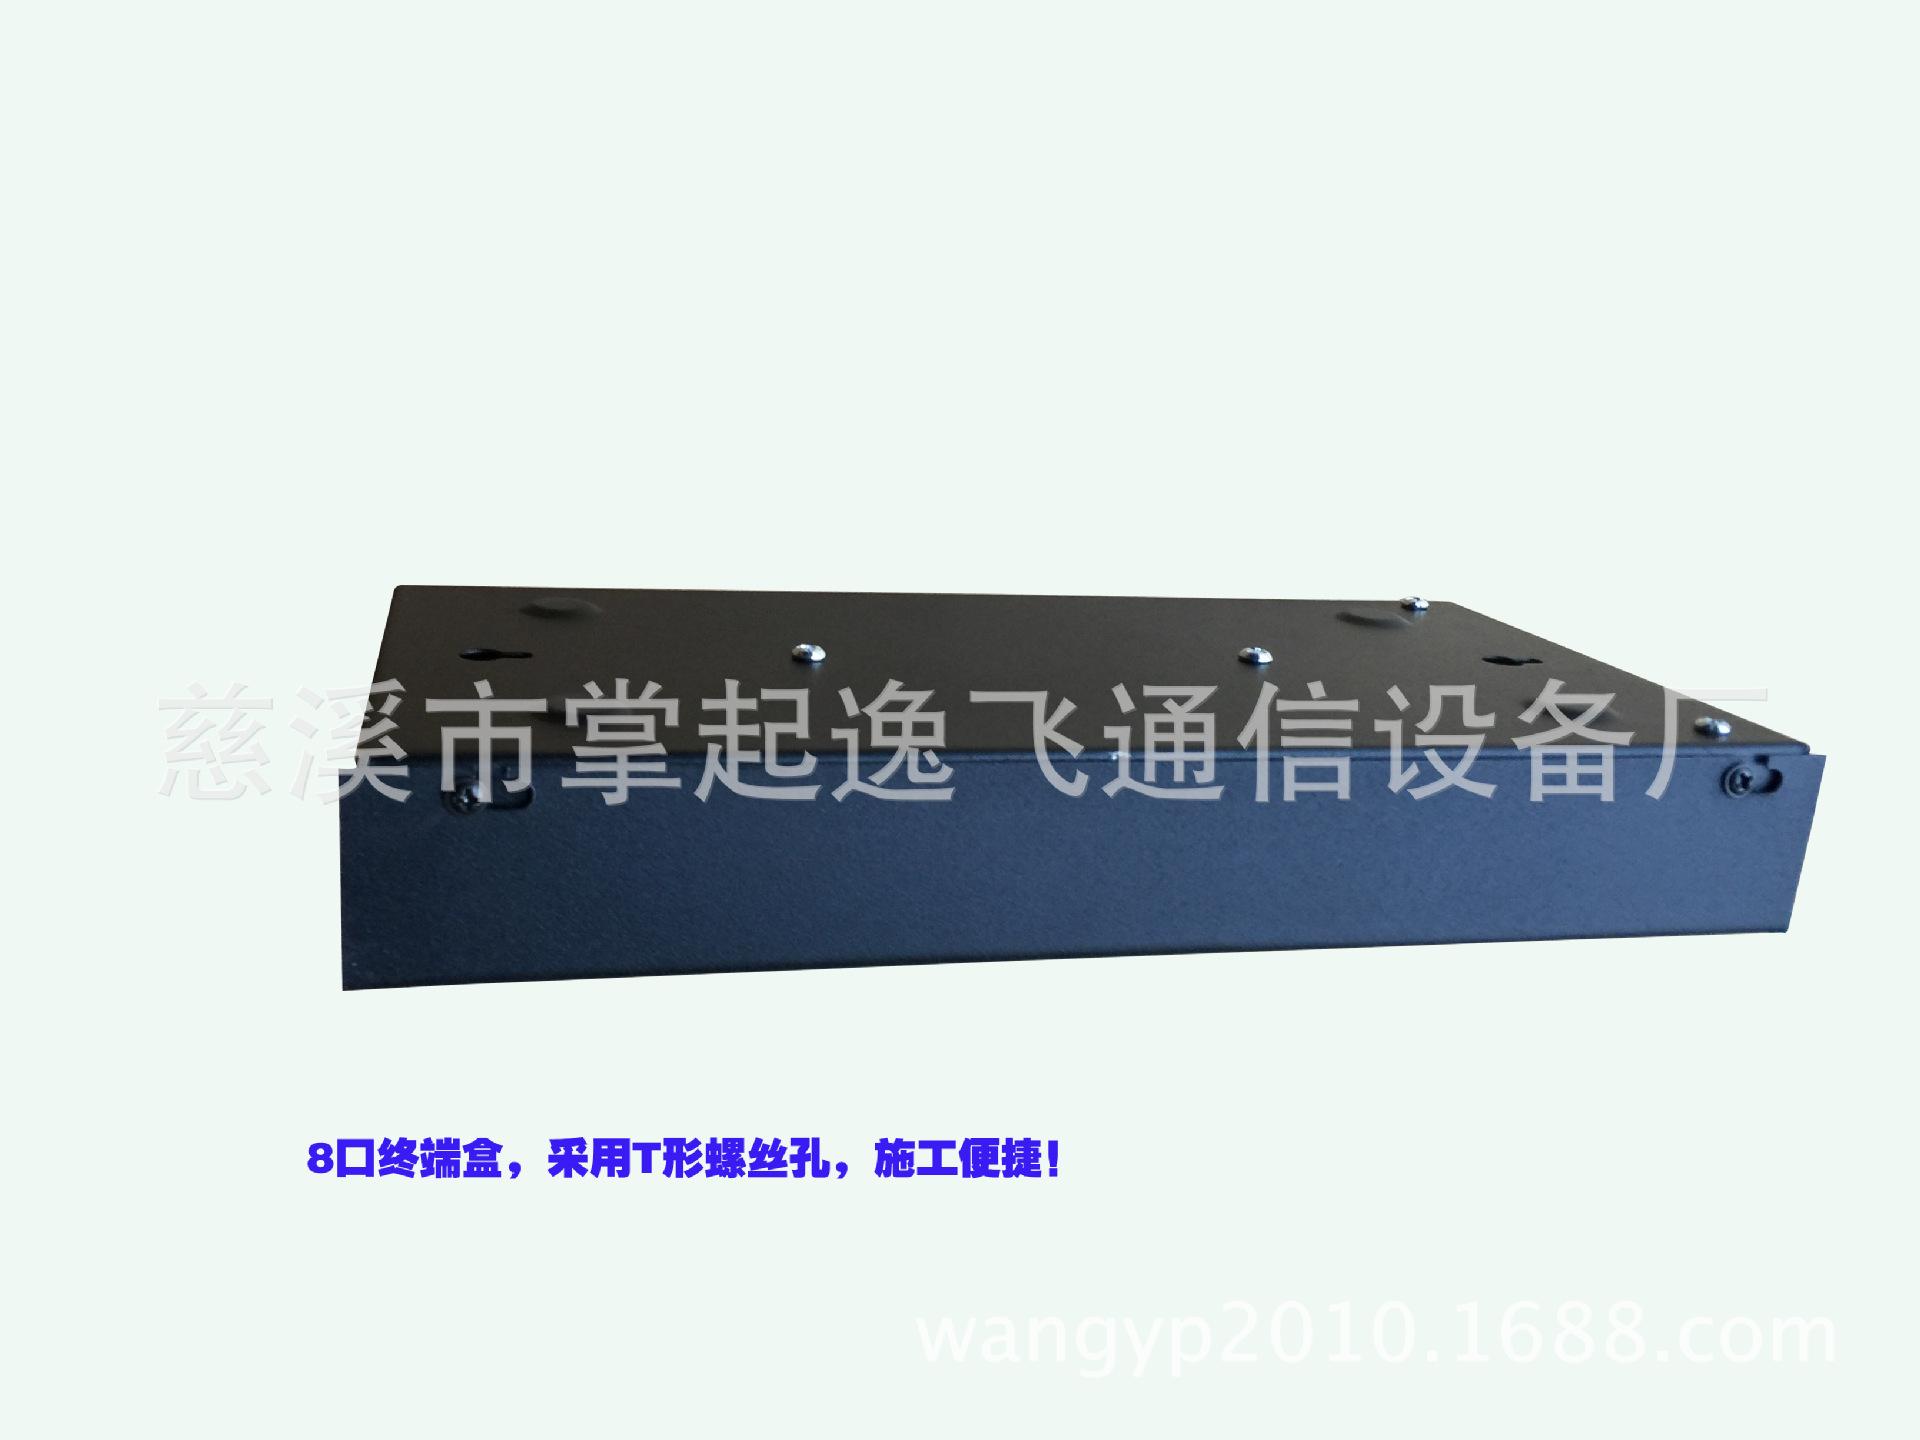 8口终端盒侧面(1)